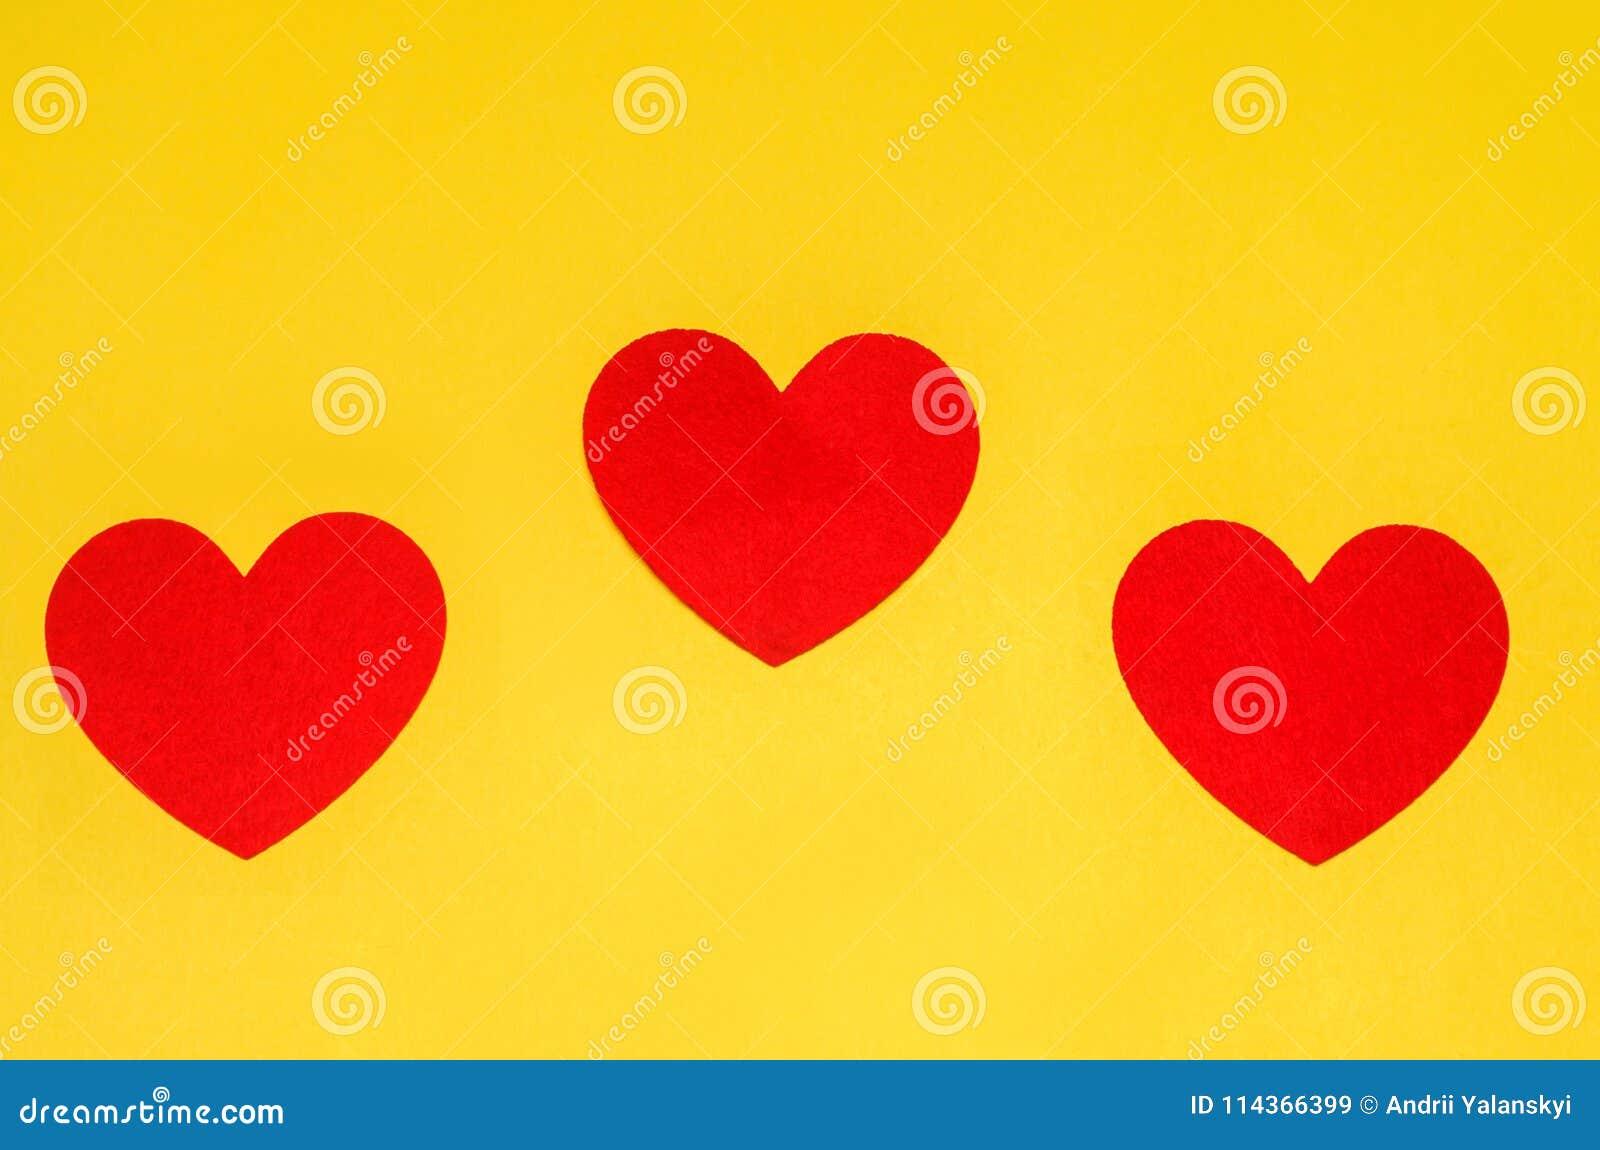 Drei Rote Herzen Auf Einem Gelben Hintergrund, Das Konzept Der Liebe ...